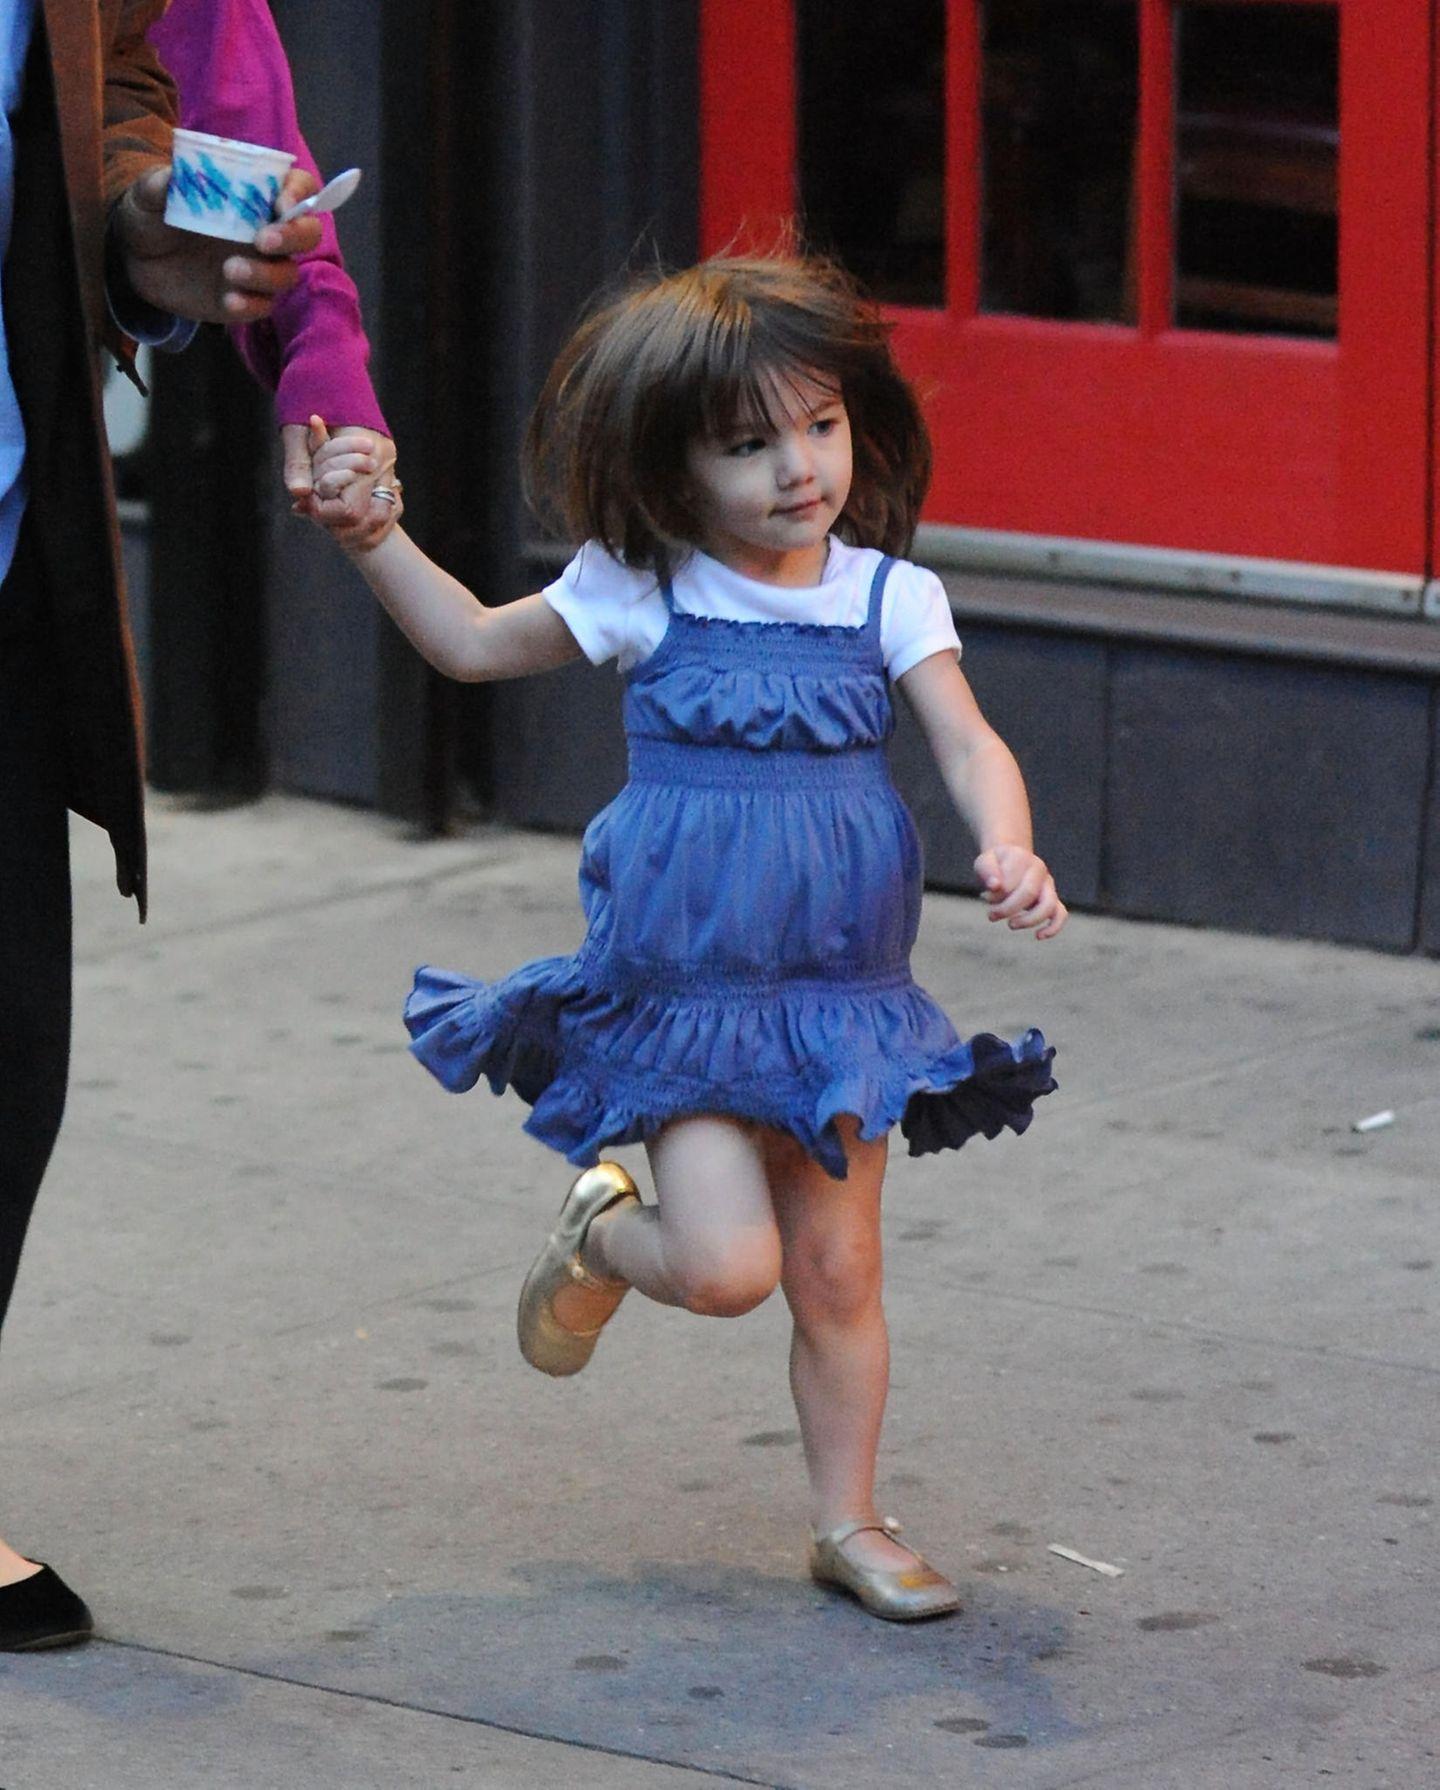 Suri freut sich, dass in New York auch Anfang Oktober noch sommerliche Temperaturen herrschen. Zum gerafften Kleidchen trägt sie